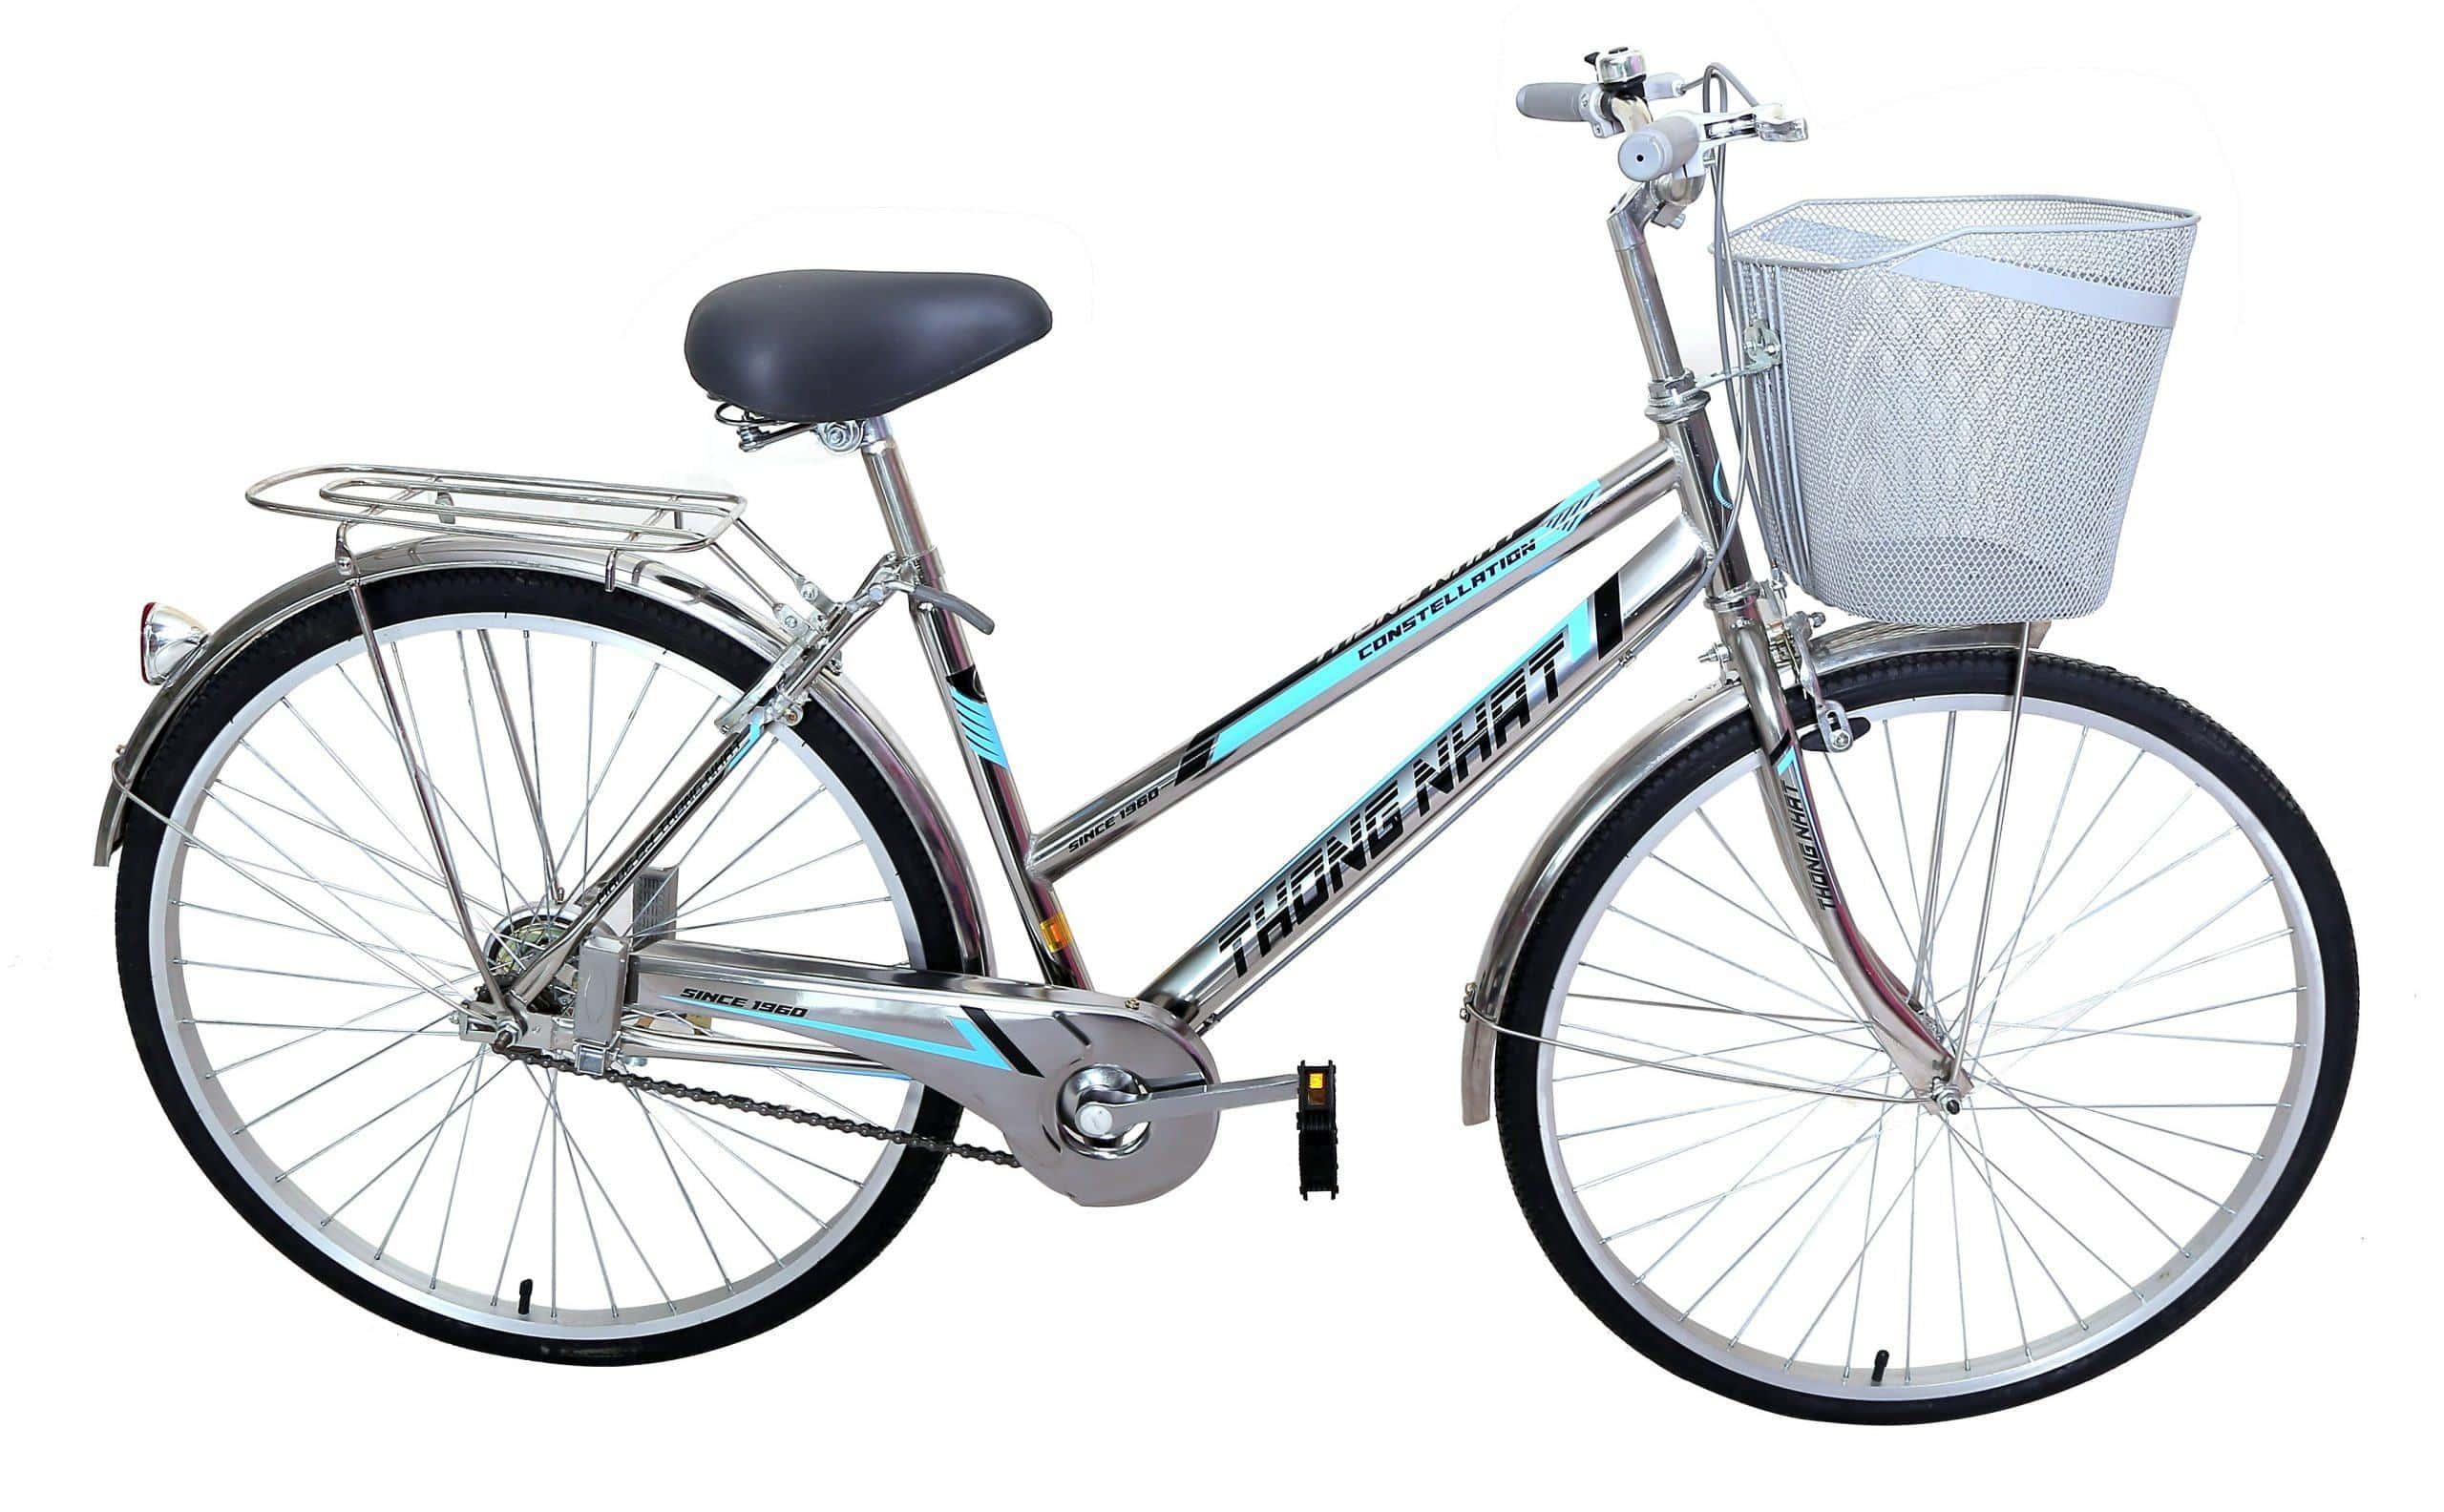 Xe đạp TN khung GN inox cỡ 26'' ( TN-GN 05-26'' ) - Xe Đạp Thống Nhất